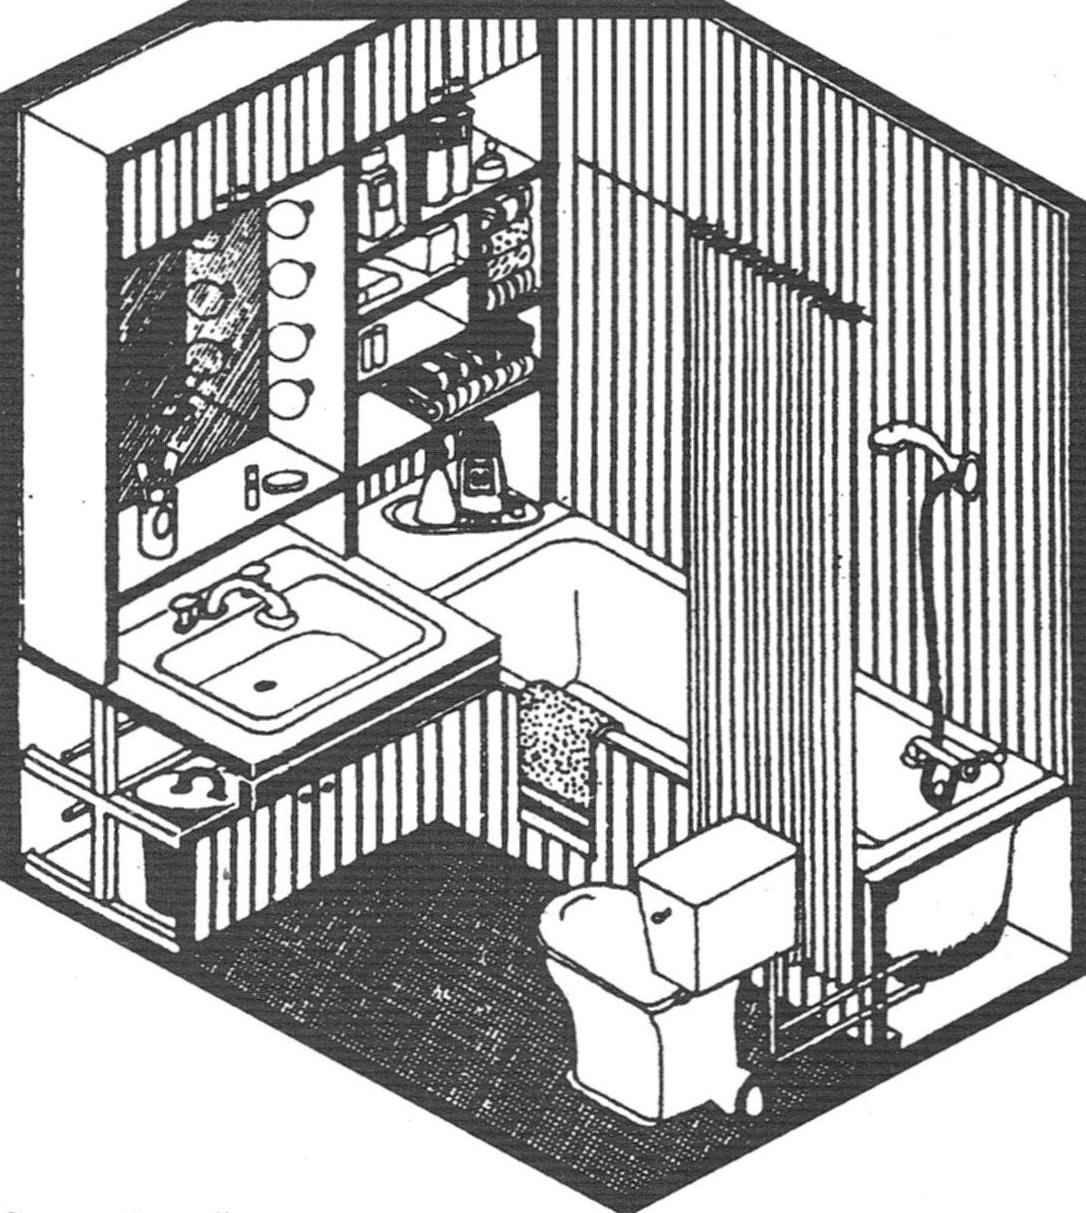 Совмещённый санузел. Его ограниченное пространство используется максимально, благодаря встроенному шкафу-стенке и ограждению пустот под ванной и раковиной